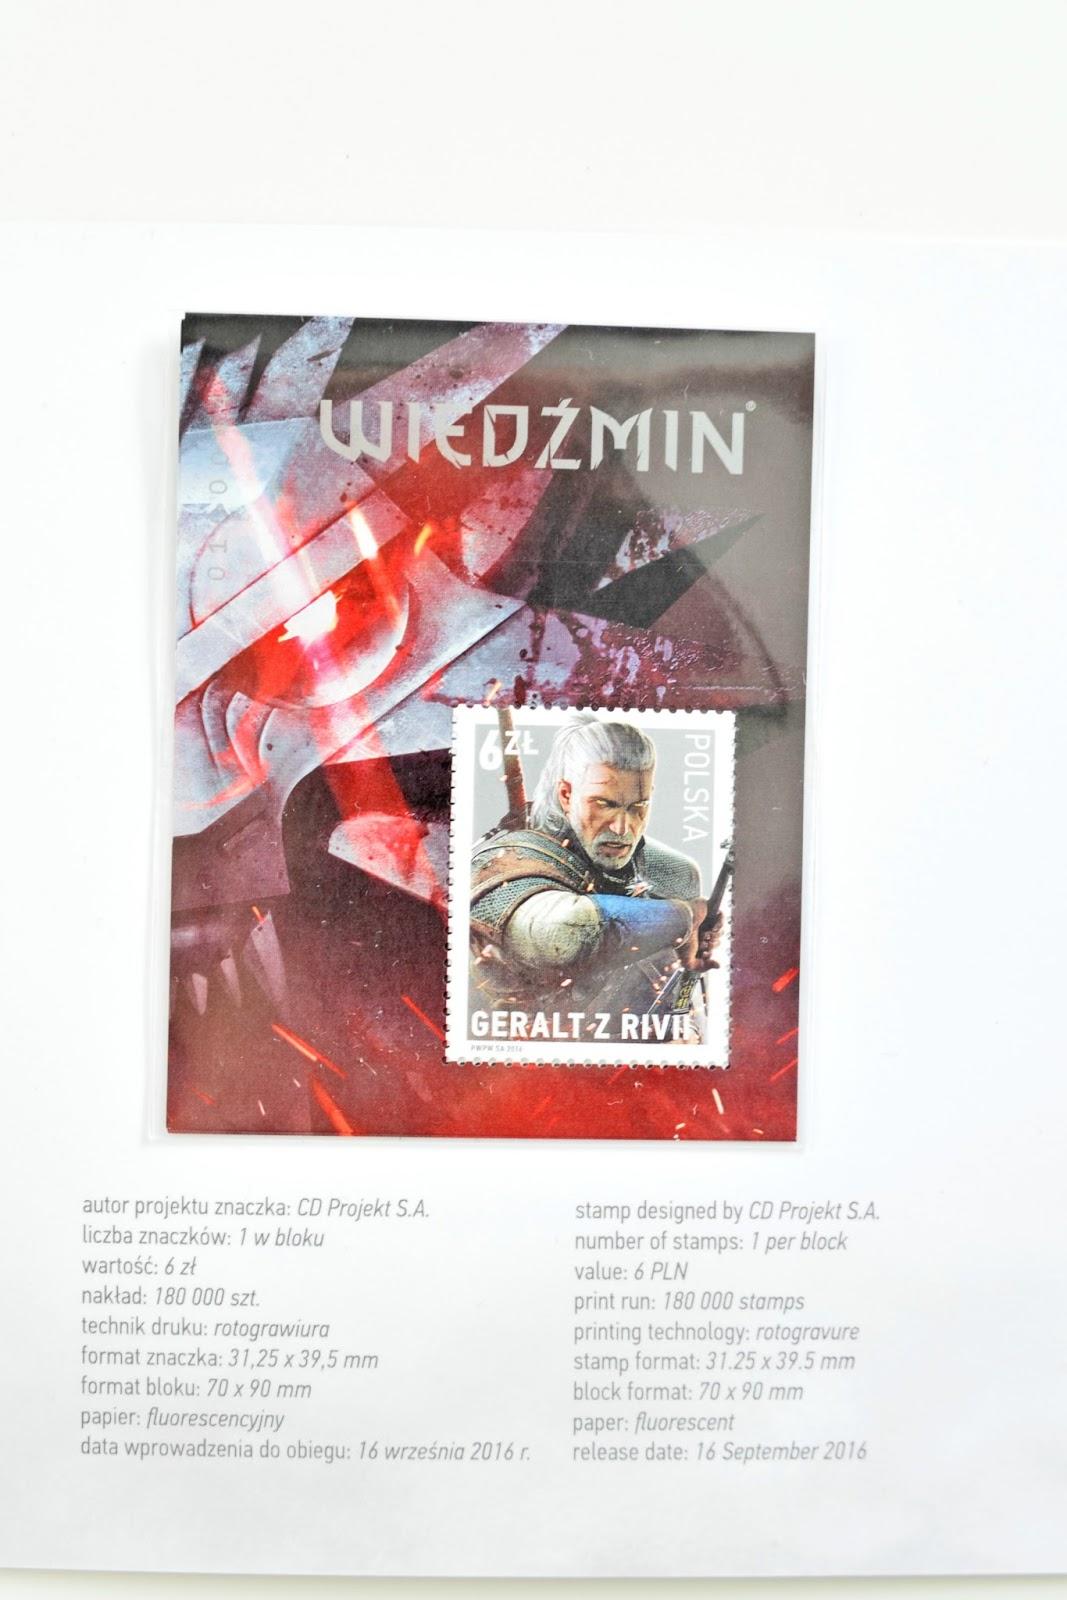 Limitowana edycja znaczka z Wiedzminem.